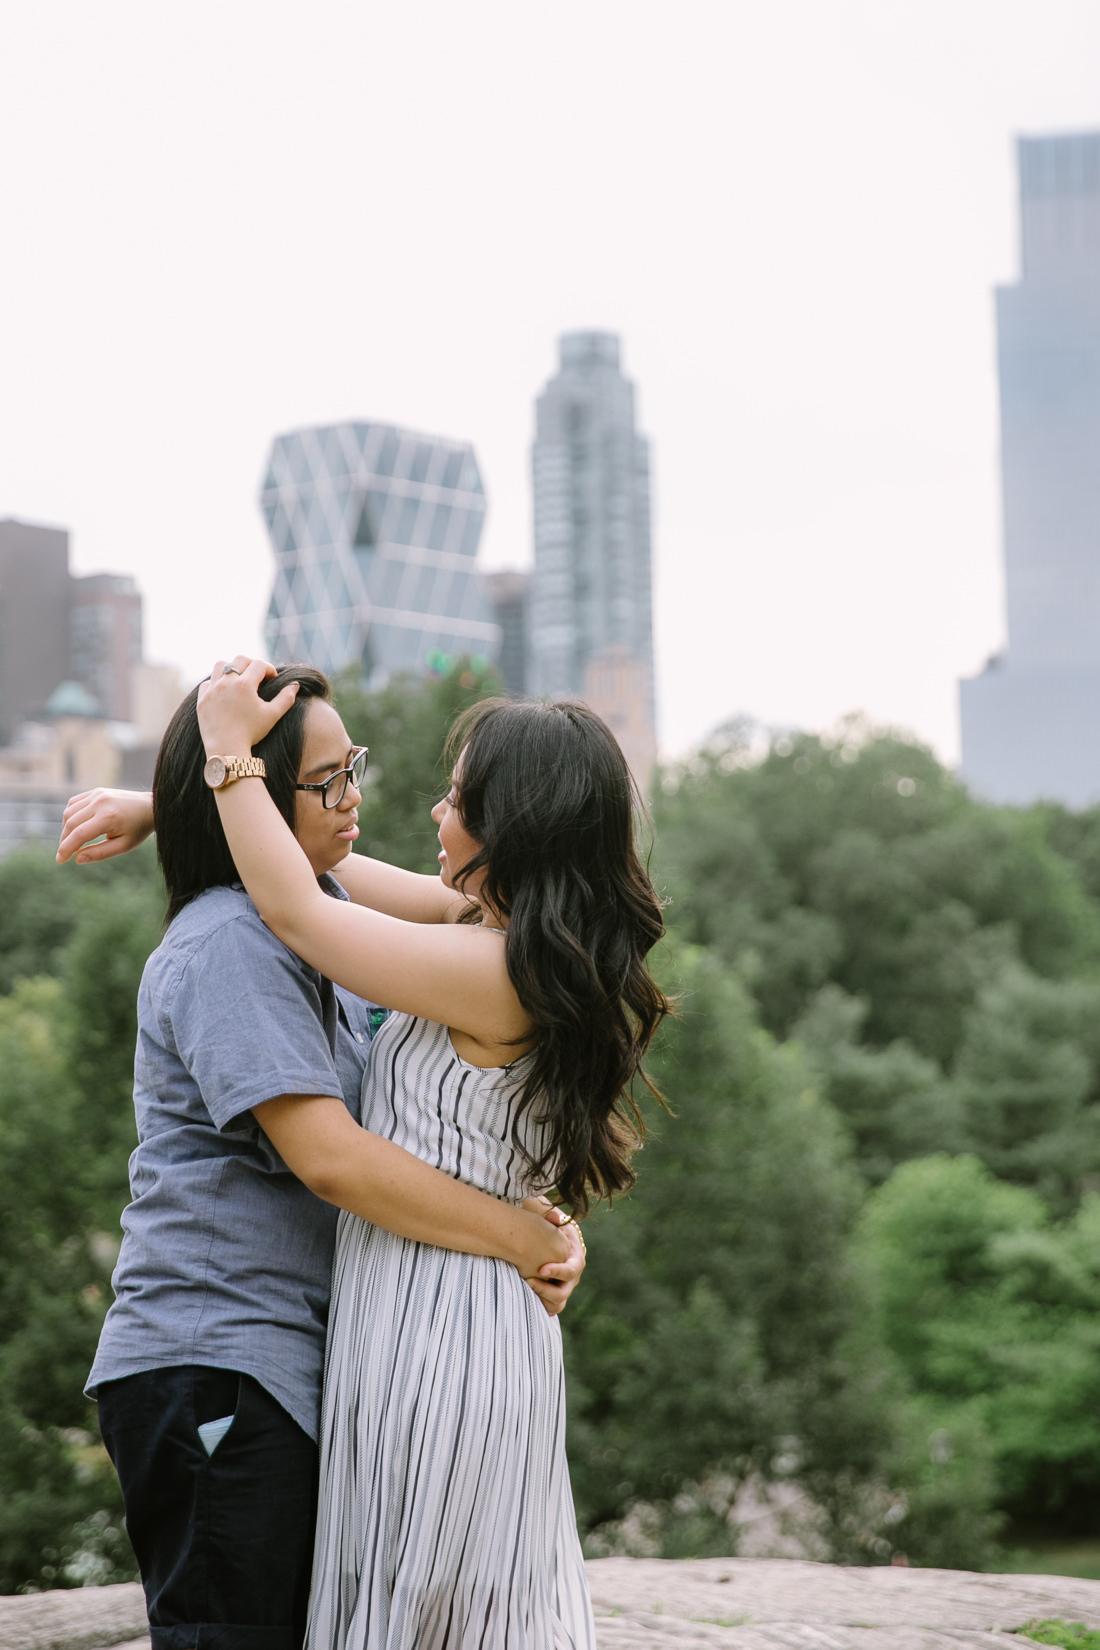 NYC-engagement-photography-by-Tanya-Isaeva-31.jpg